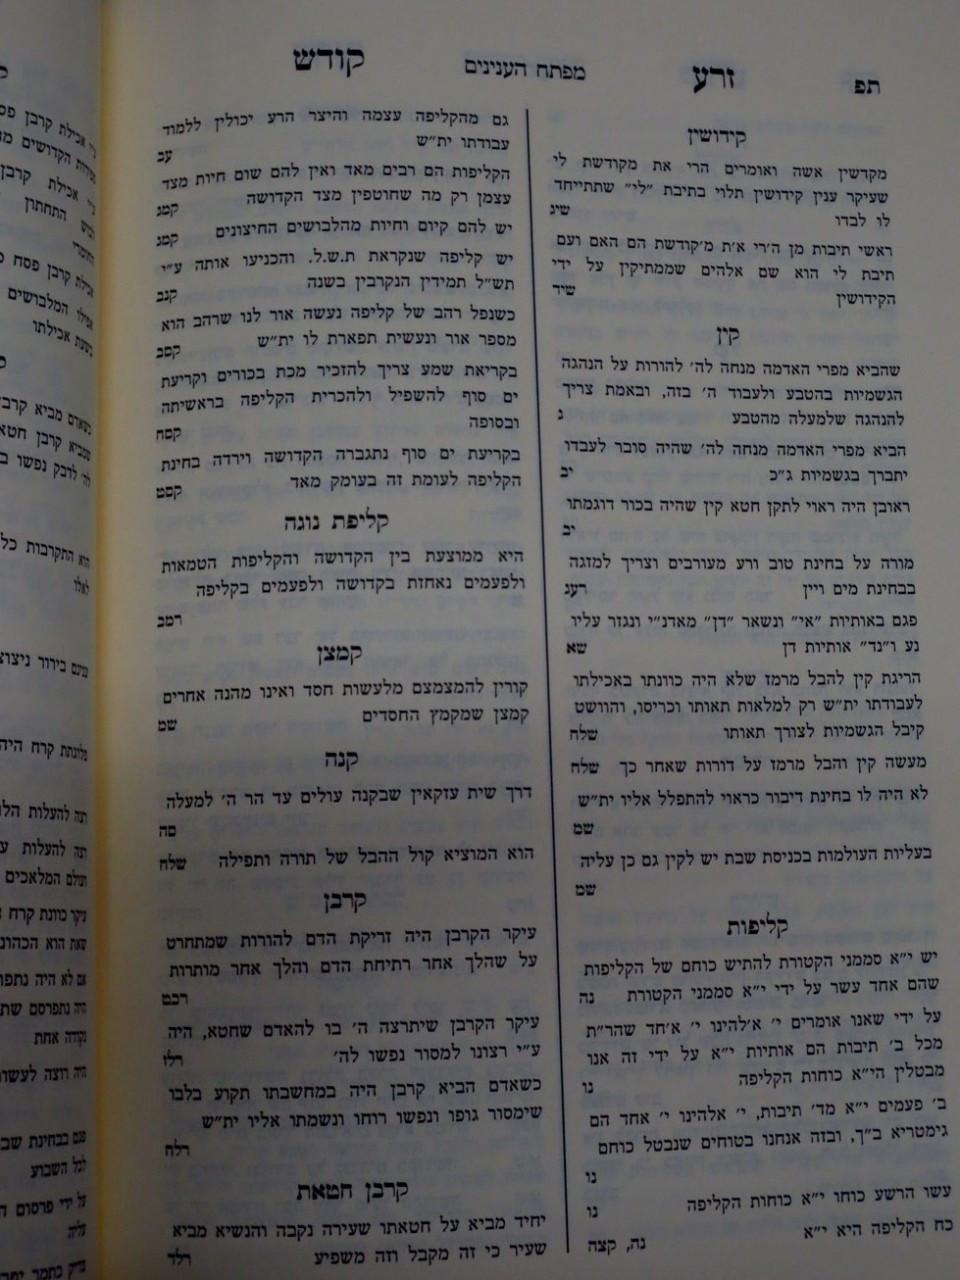 Sefer Zera Kodesh - ספר זרע קודש